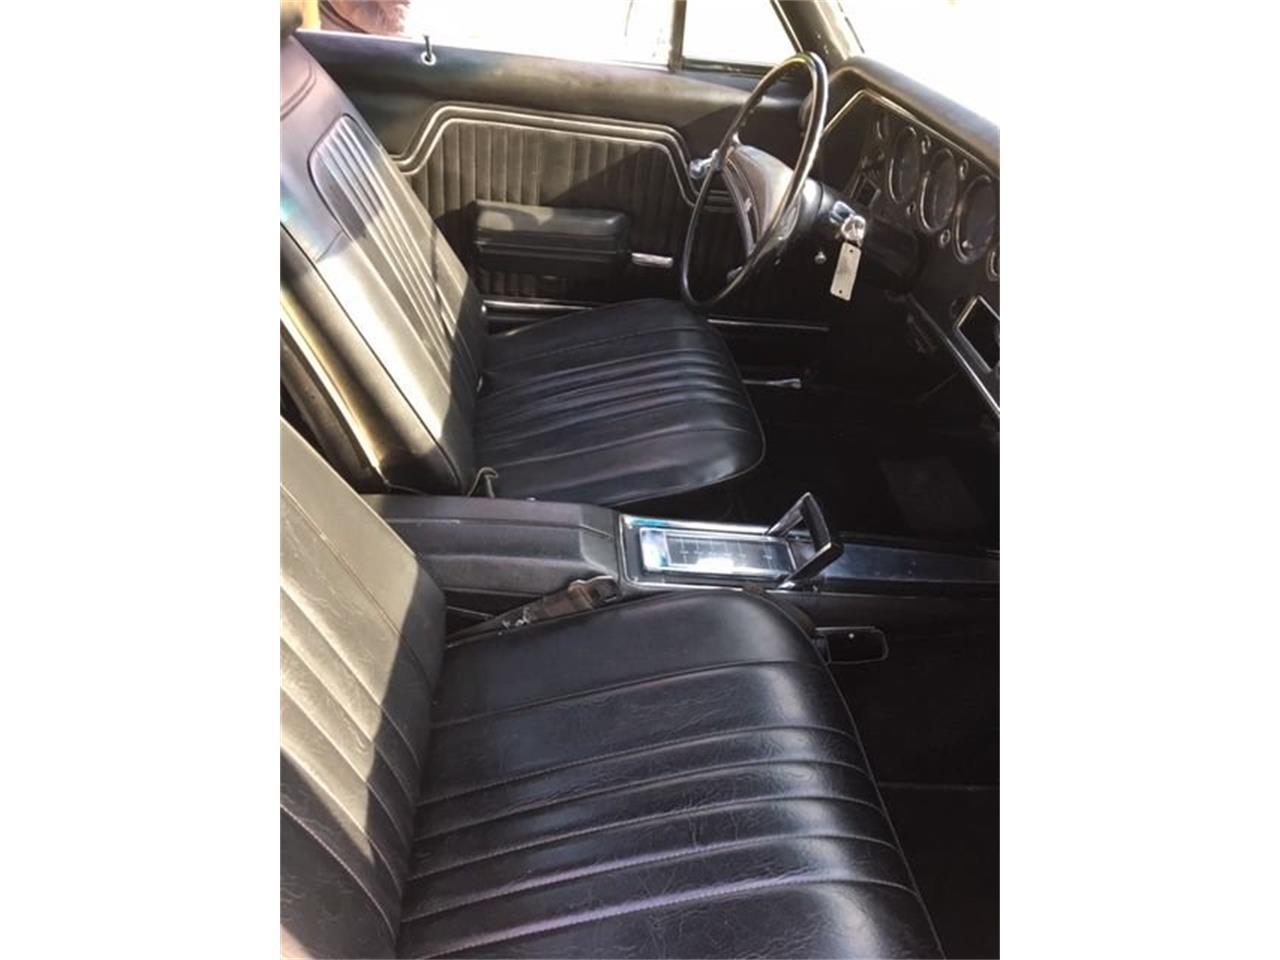 1971 Chevrolet El Camino (CC-1414342) for sale in Greensboro, North Carolina